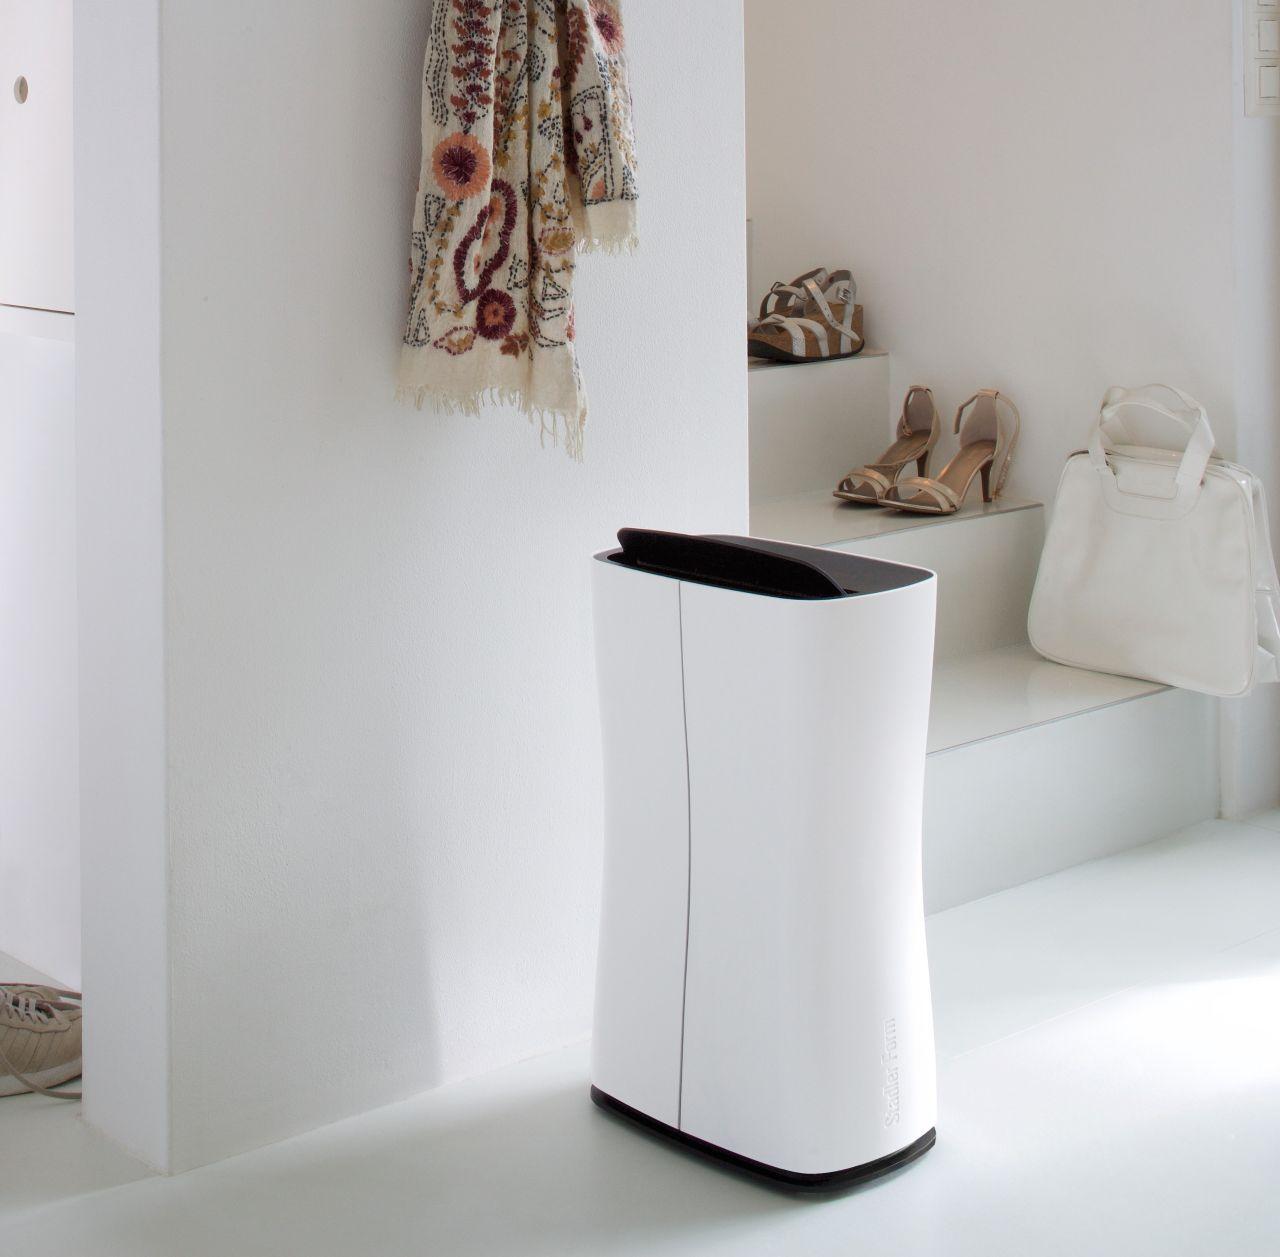 「乾かない洗濯物とはおさらば!北欧スイスで生まれたデザイン除湿器」の写真